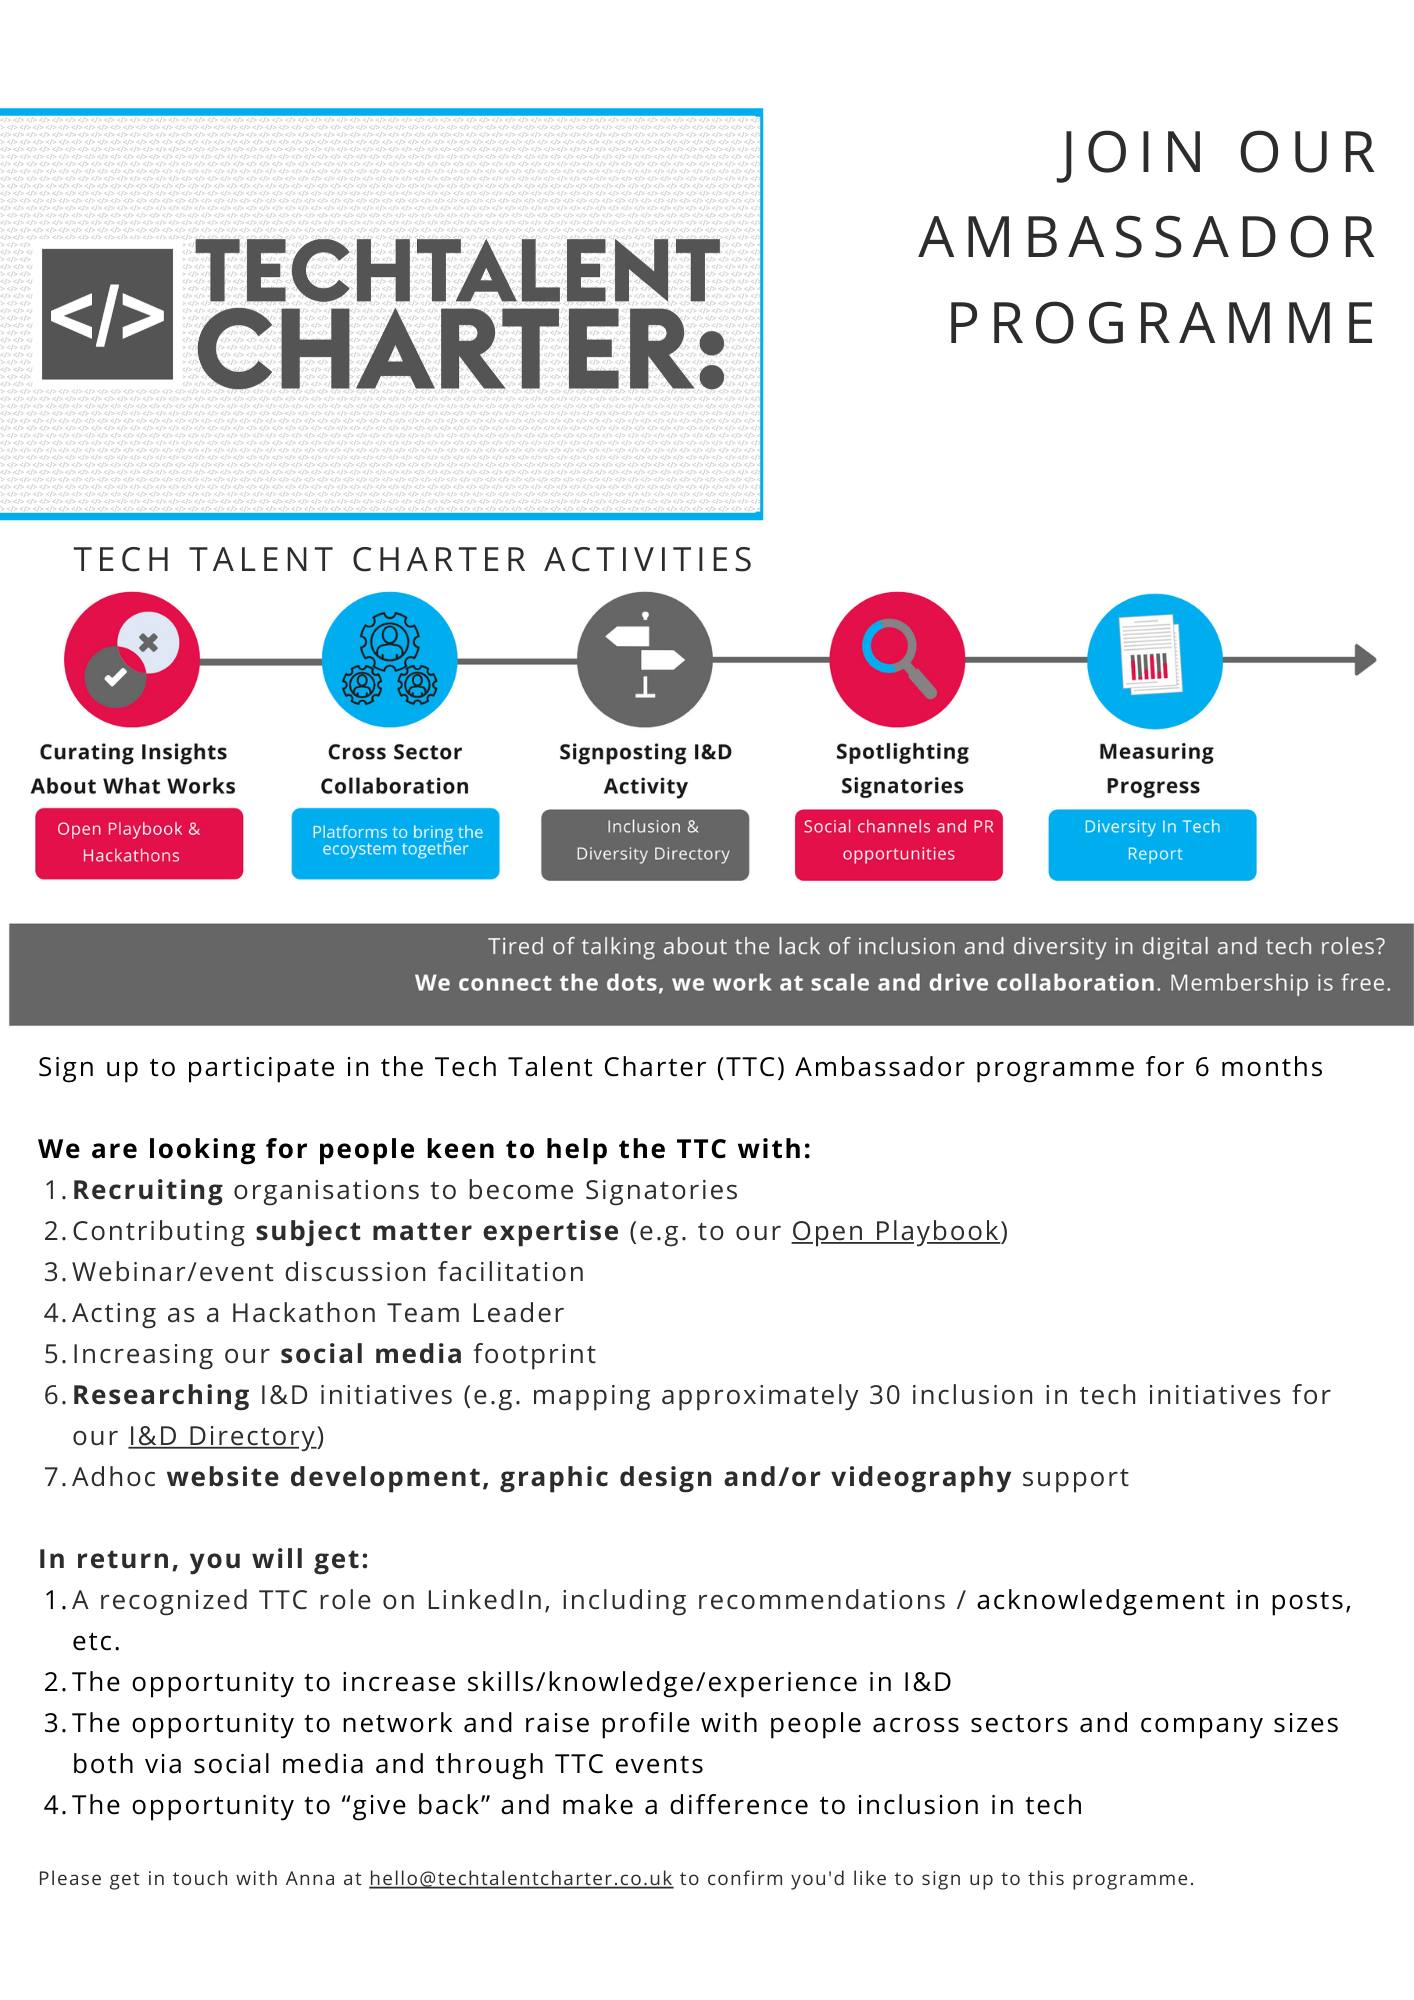 Updated Tech Talent Charter Ambassador Programme (1)